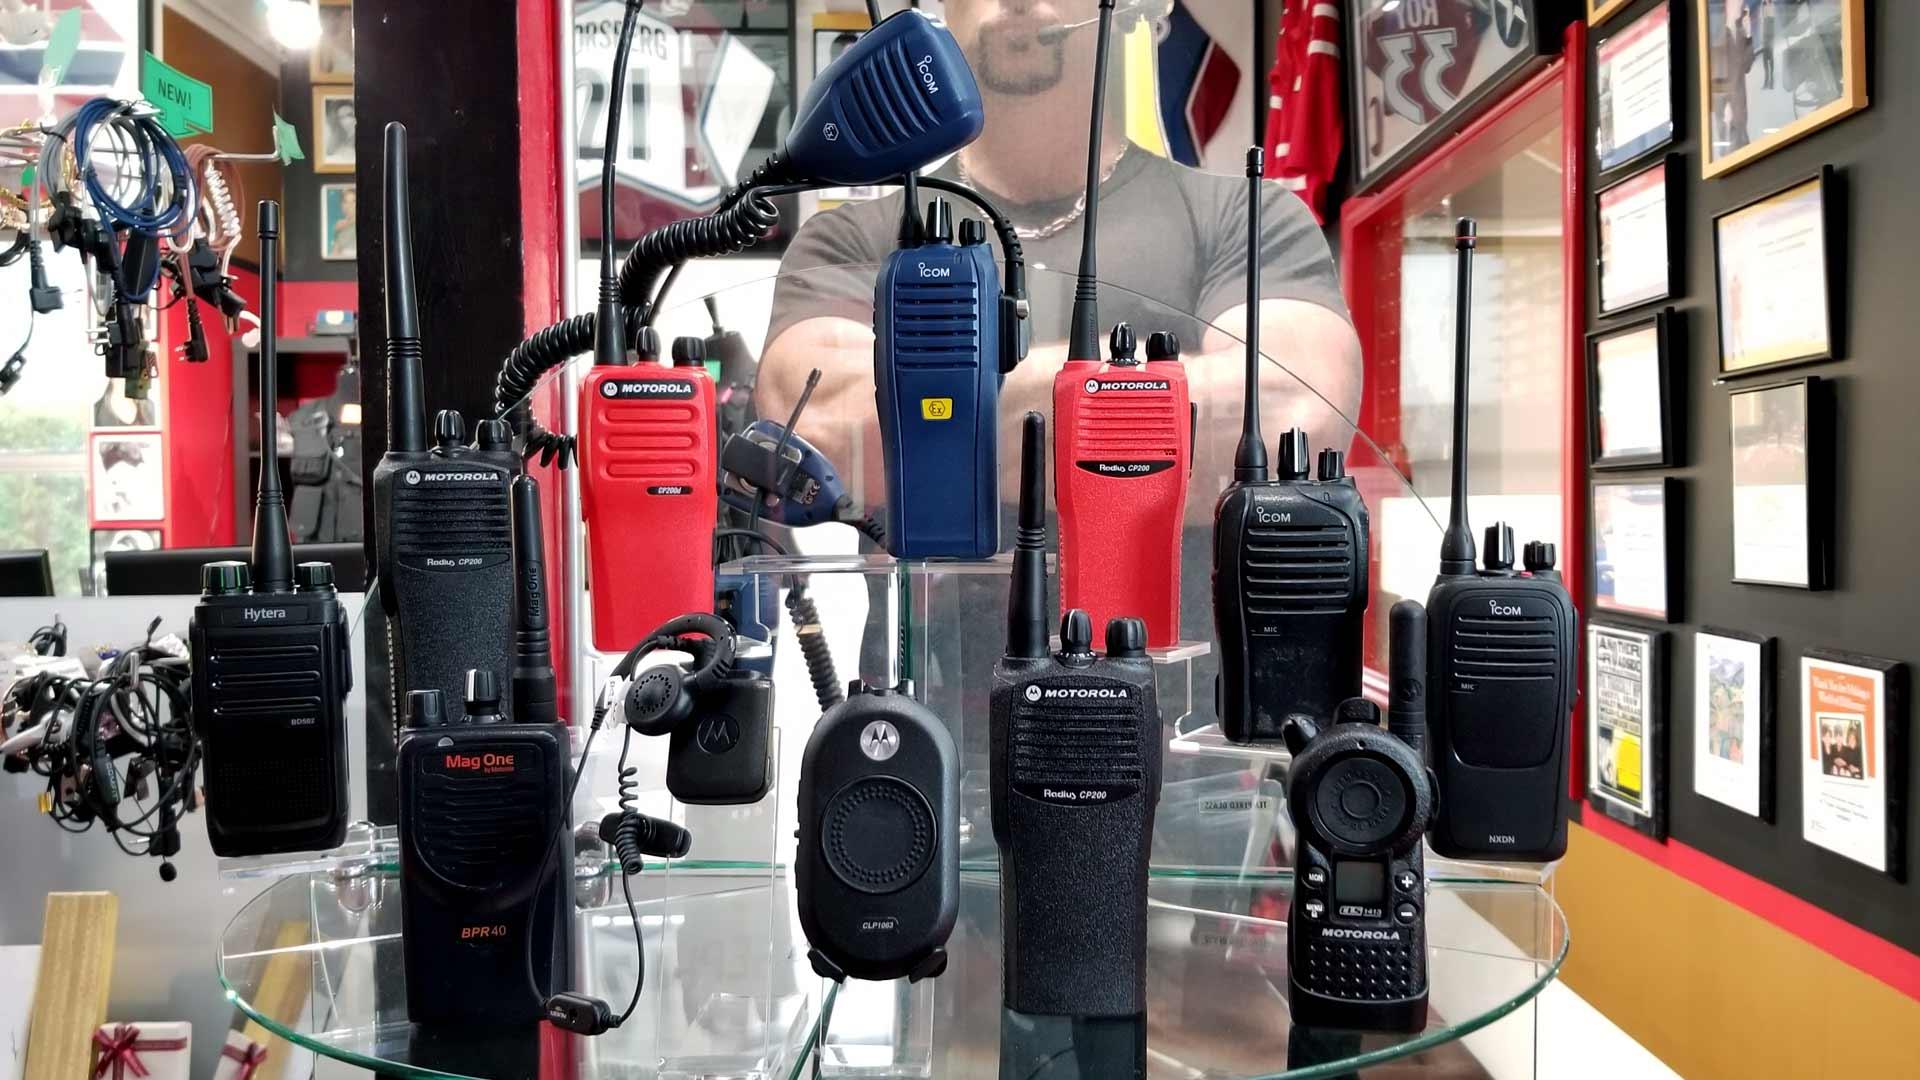 Mototola Two-Way Radio Rentals Vancouver – Alltypes